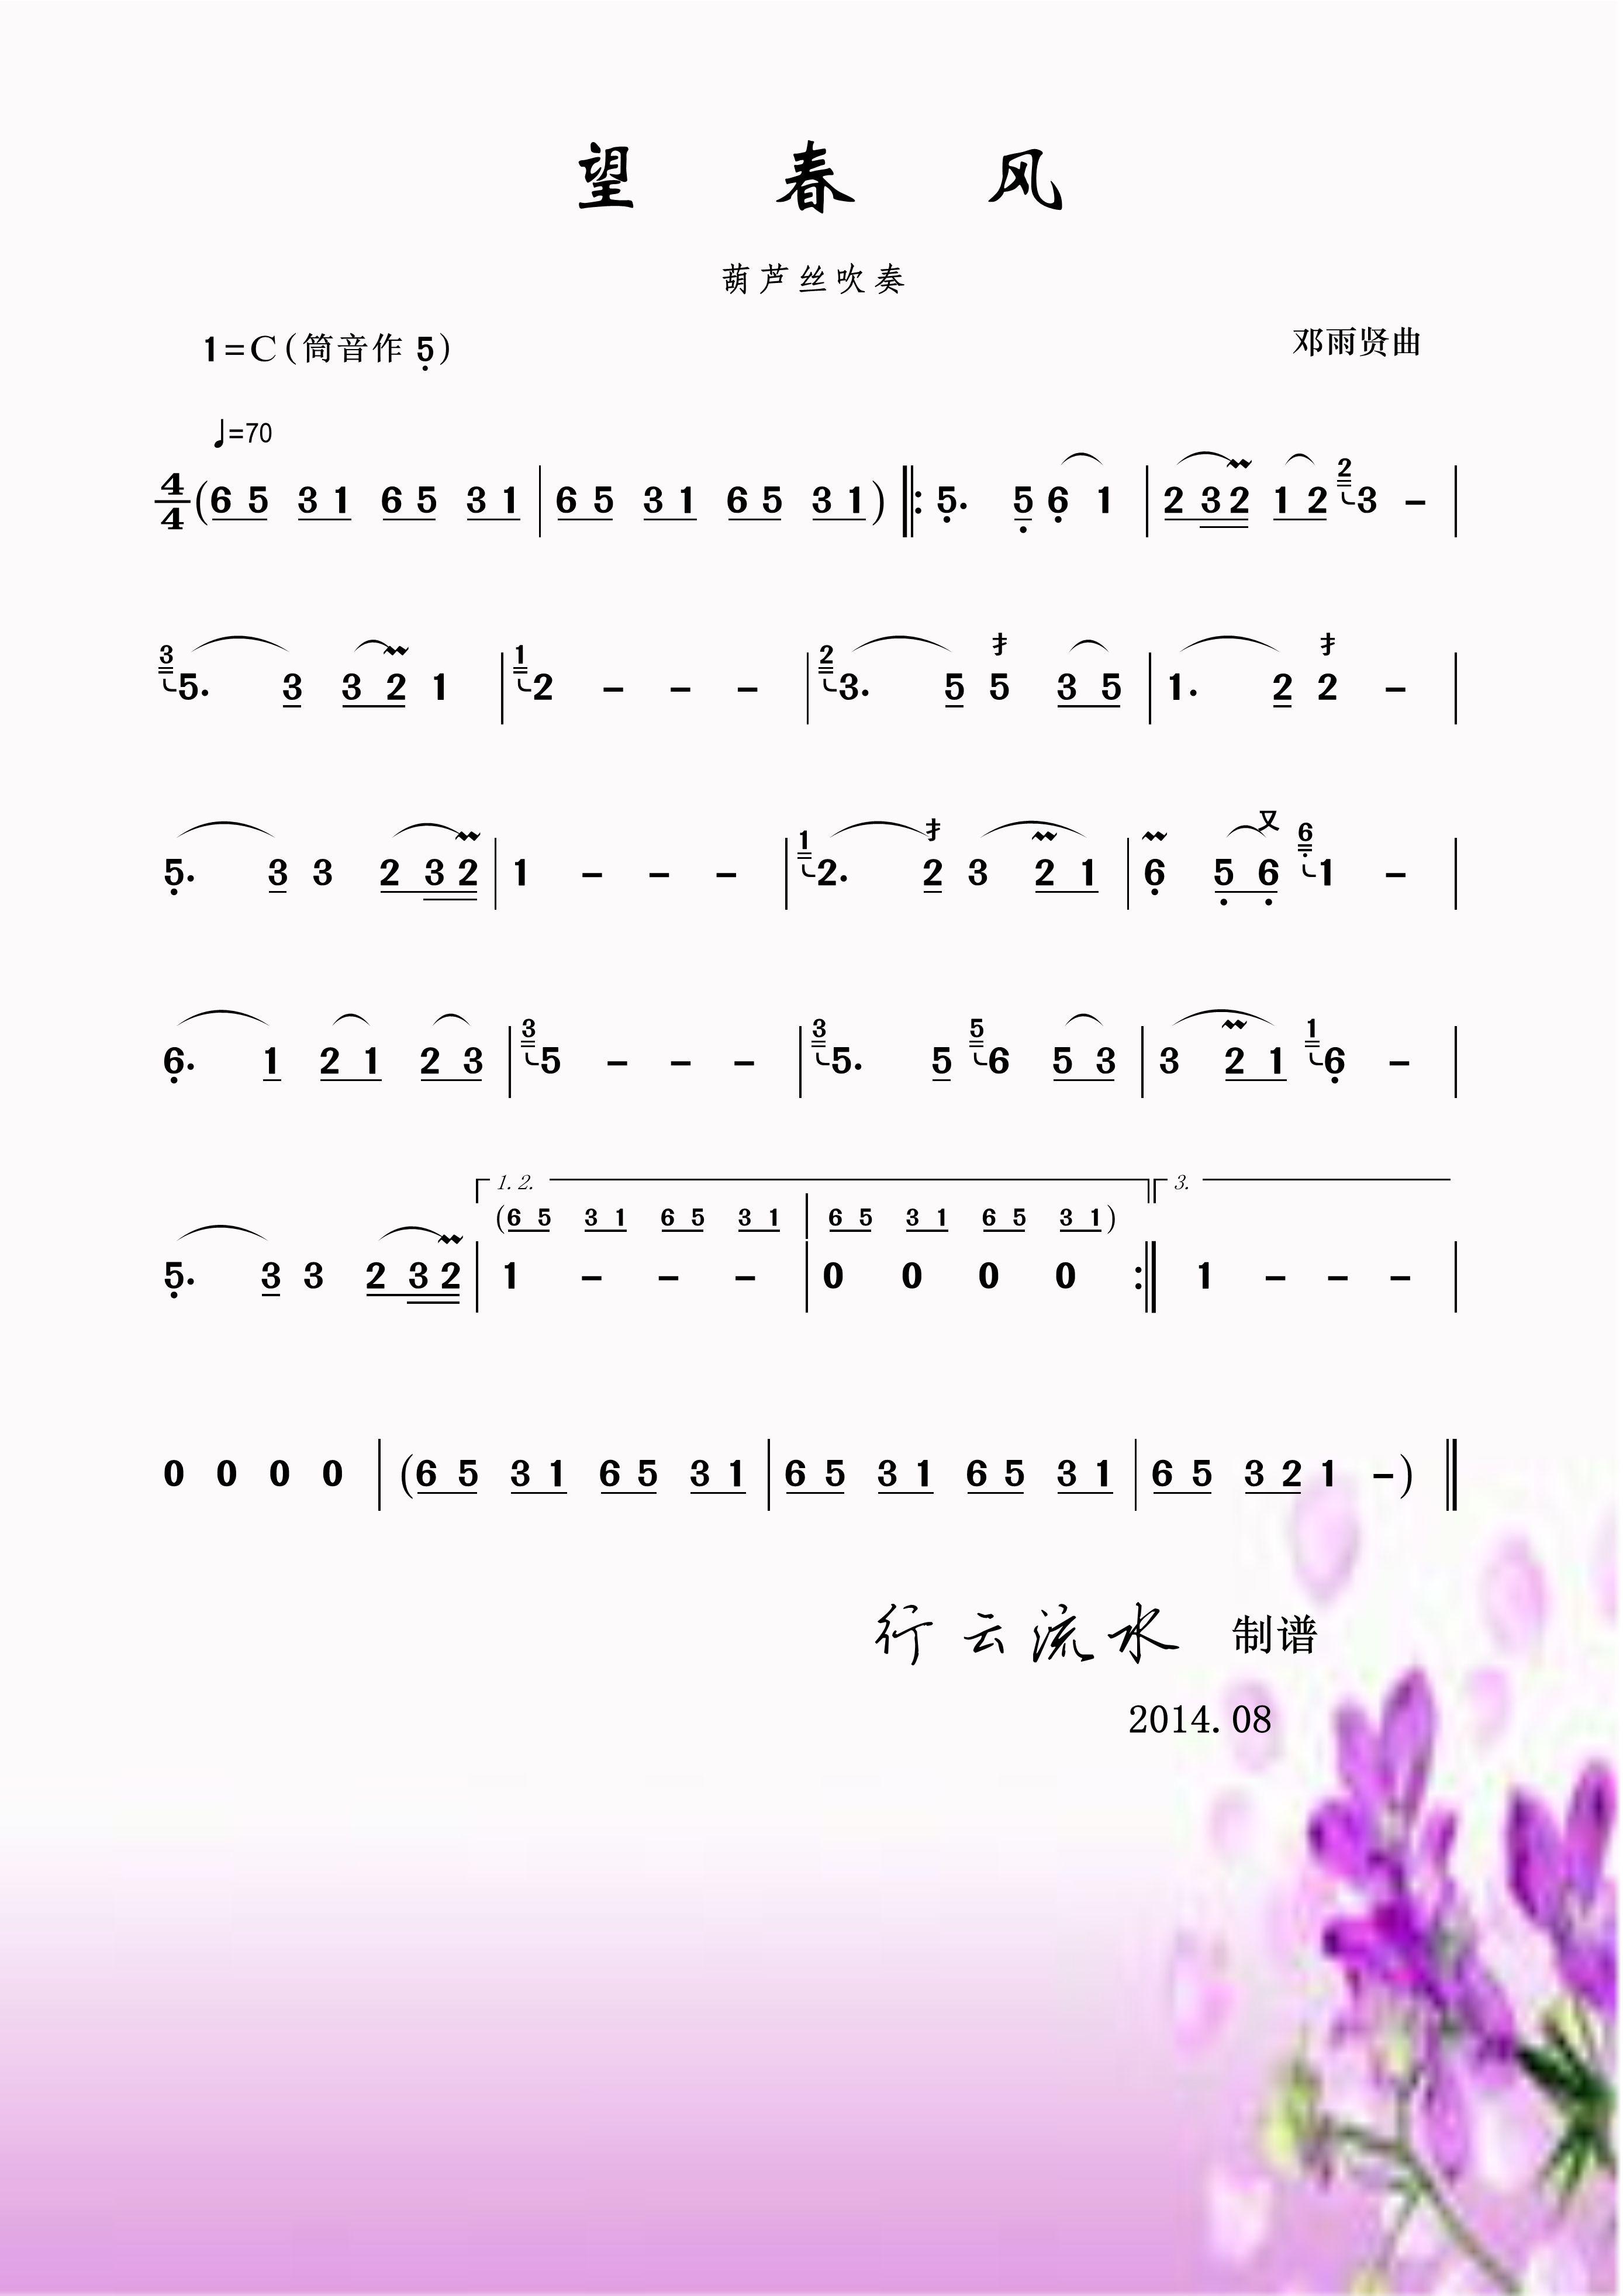 《望春风》曲谱 伴奏